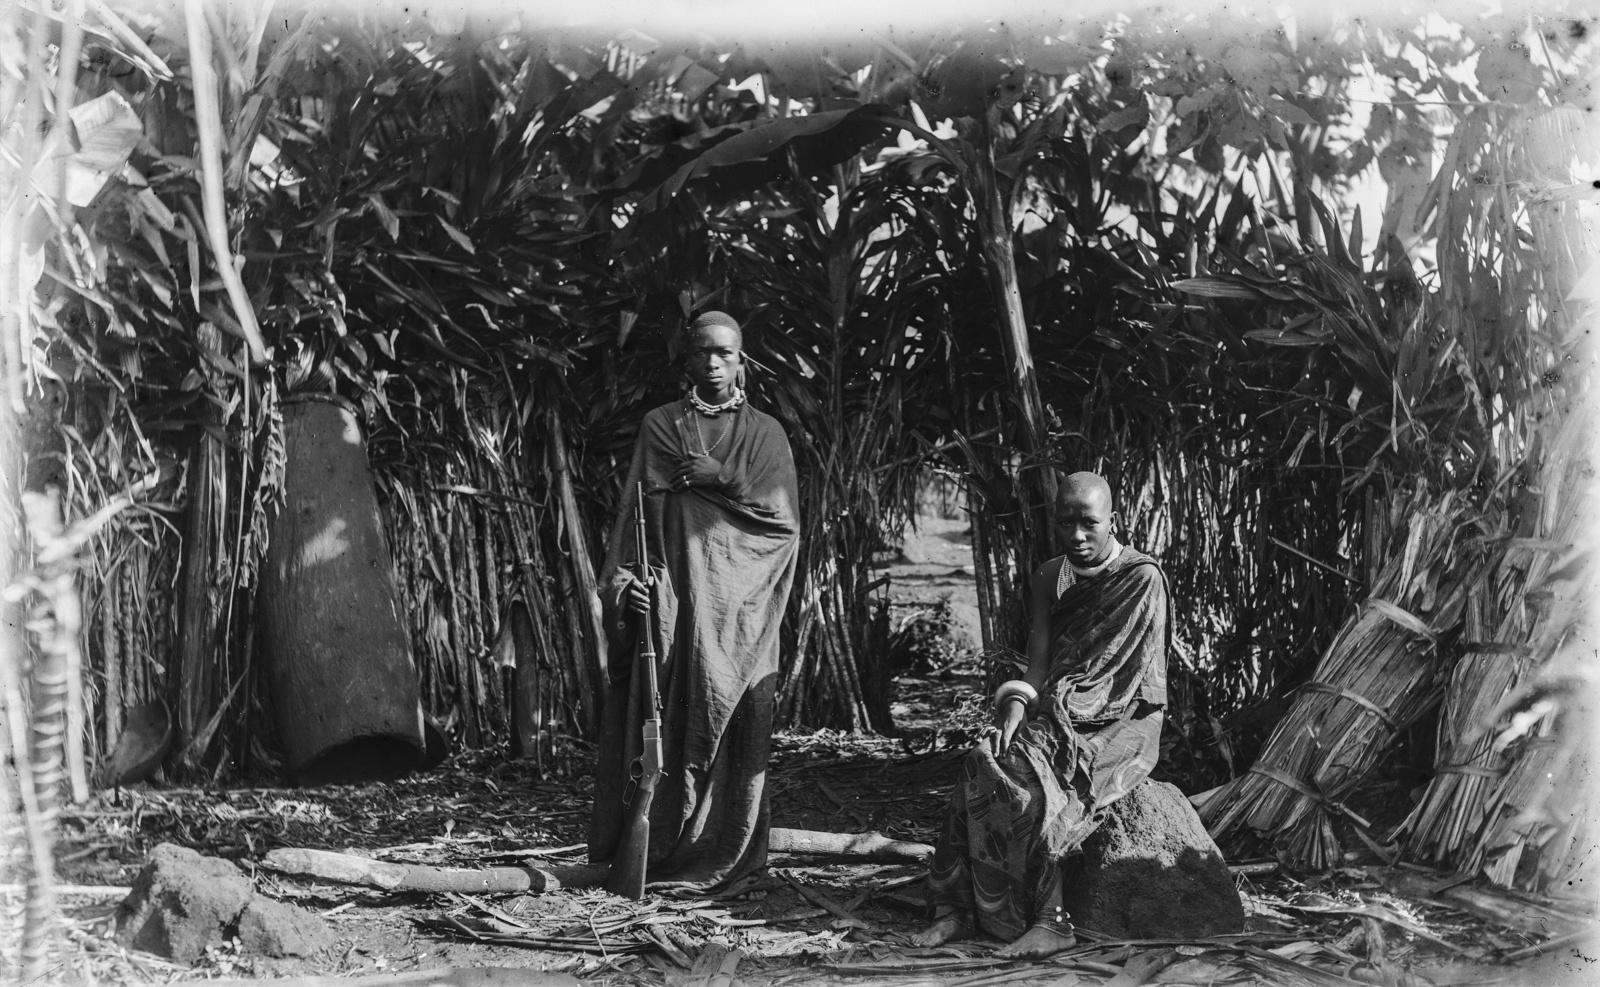 373. Мареаль, вождь чагга с ружьем, и его старшая жена, сидящая на камне